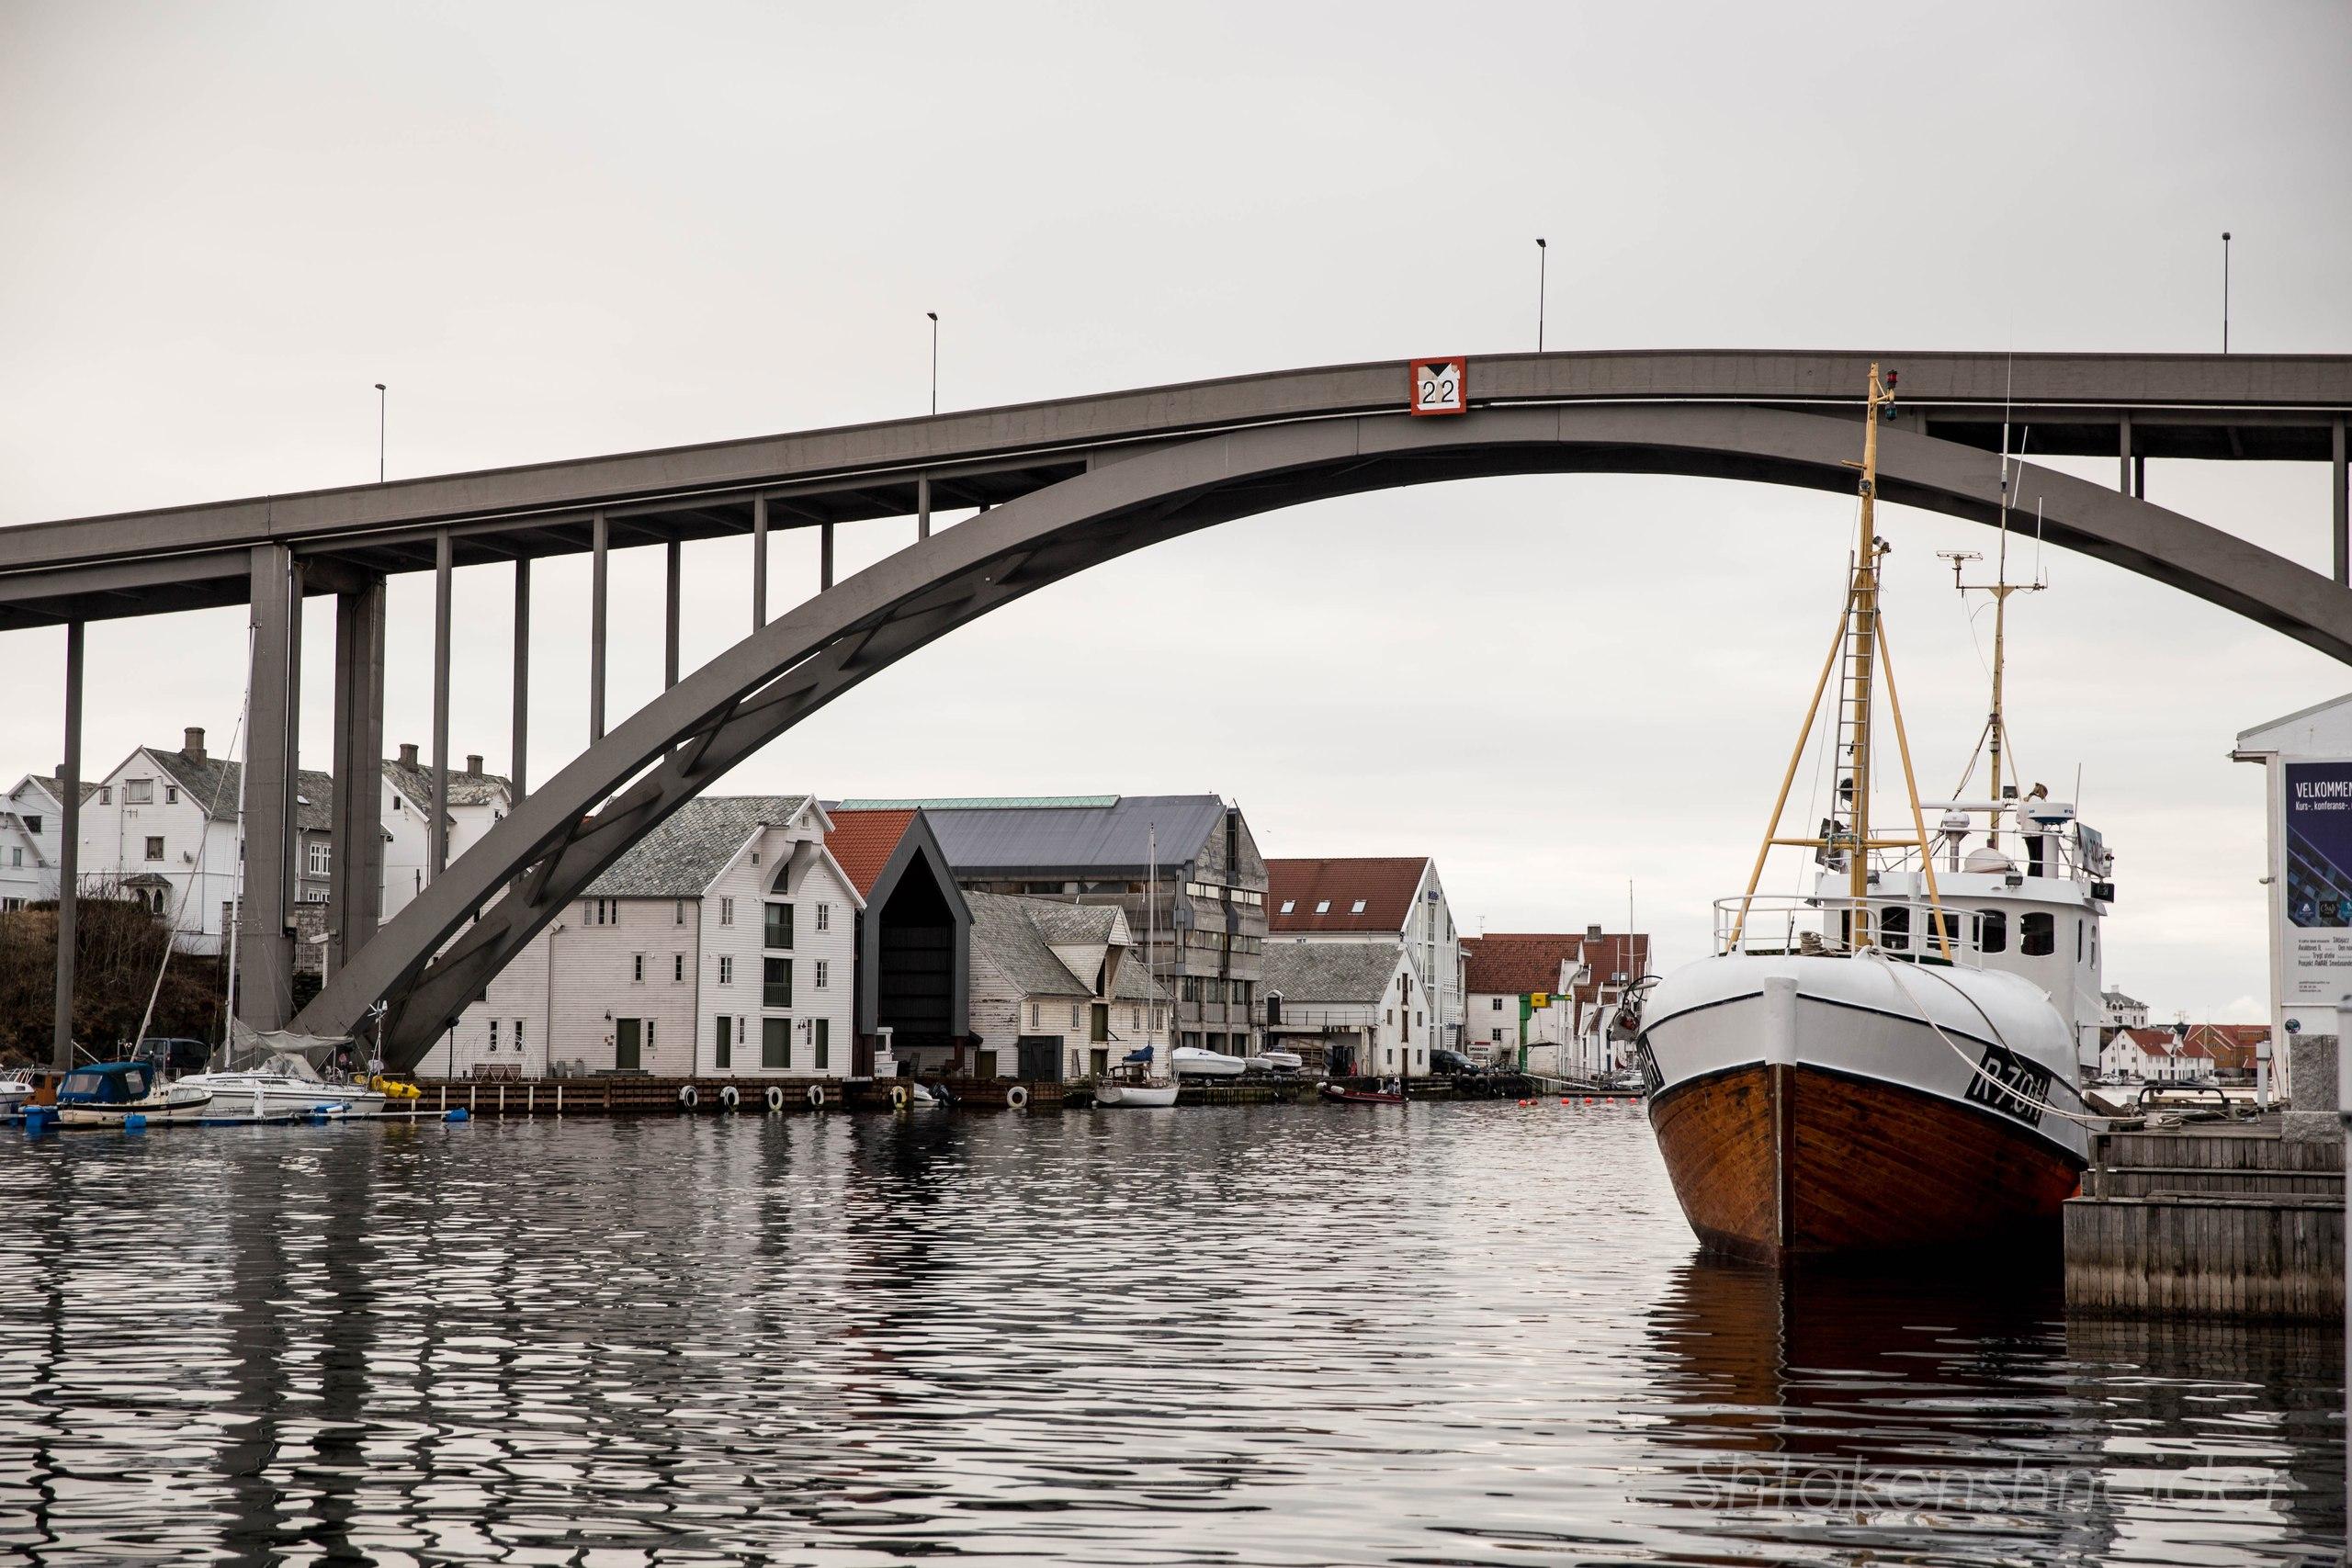 Автомобильный мост в Risøy над мариной Хёугесунна.